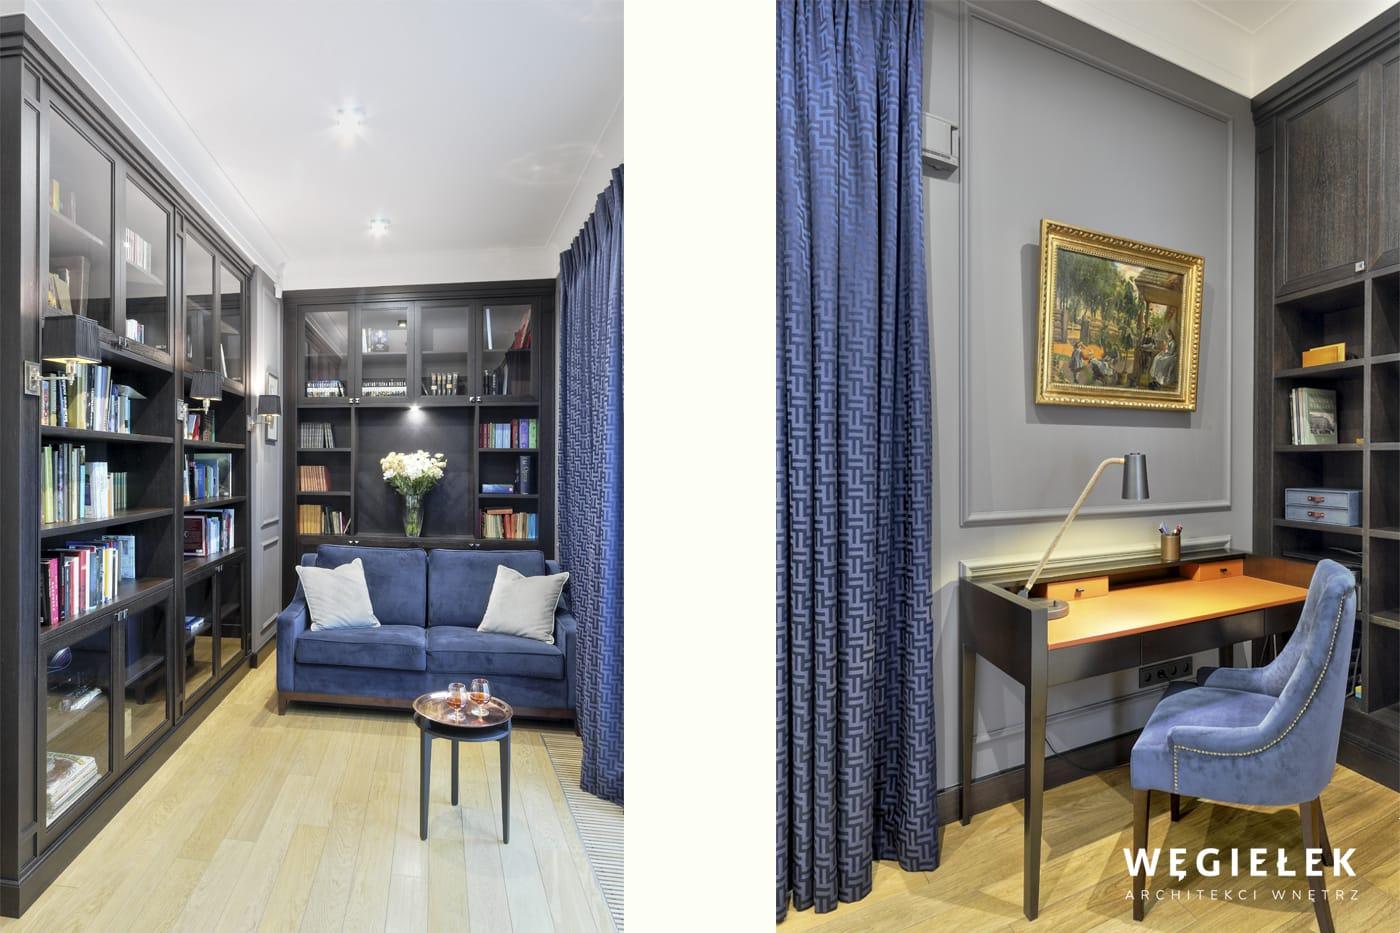 Tym razem architekci apartamentów odświeżyli kolor granatowy, co dało ciekawy efekt eleganckiego gabinetu z ciemnymi meblami i obrazem w złotej ramie.